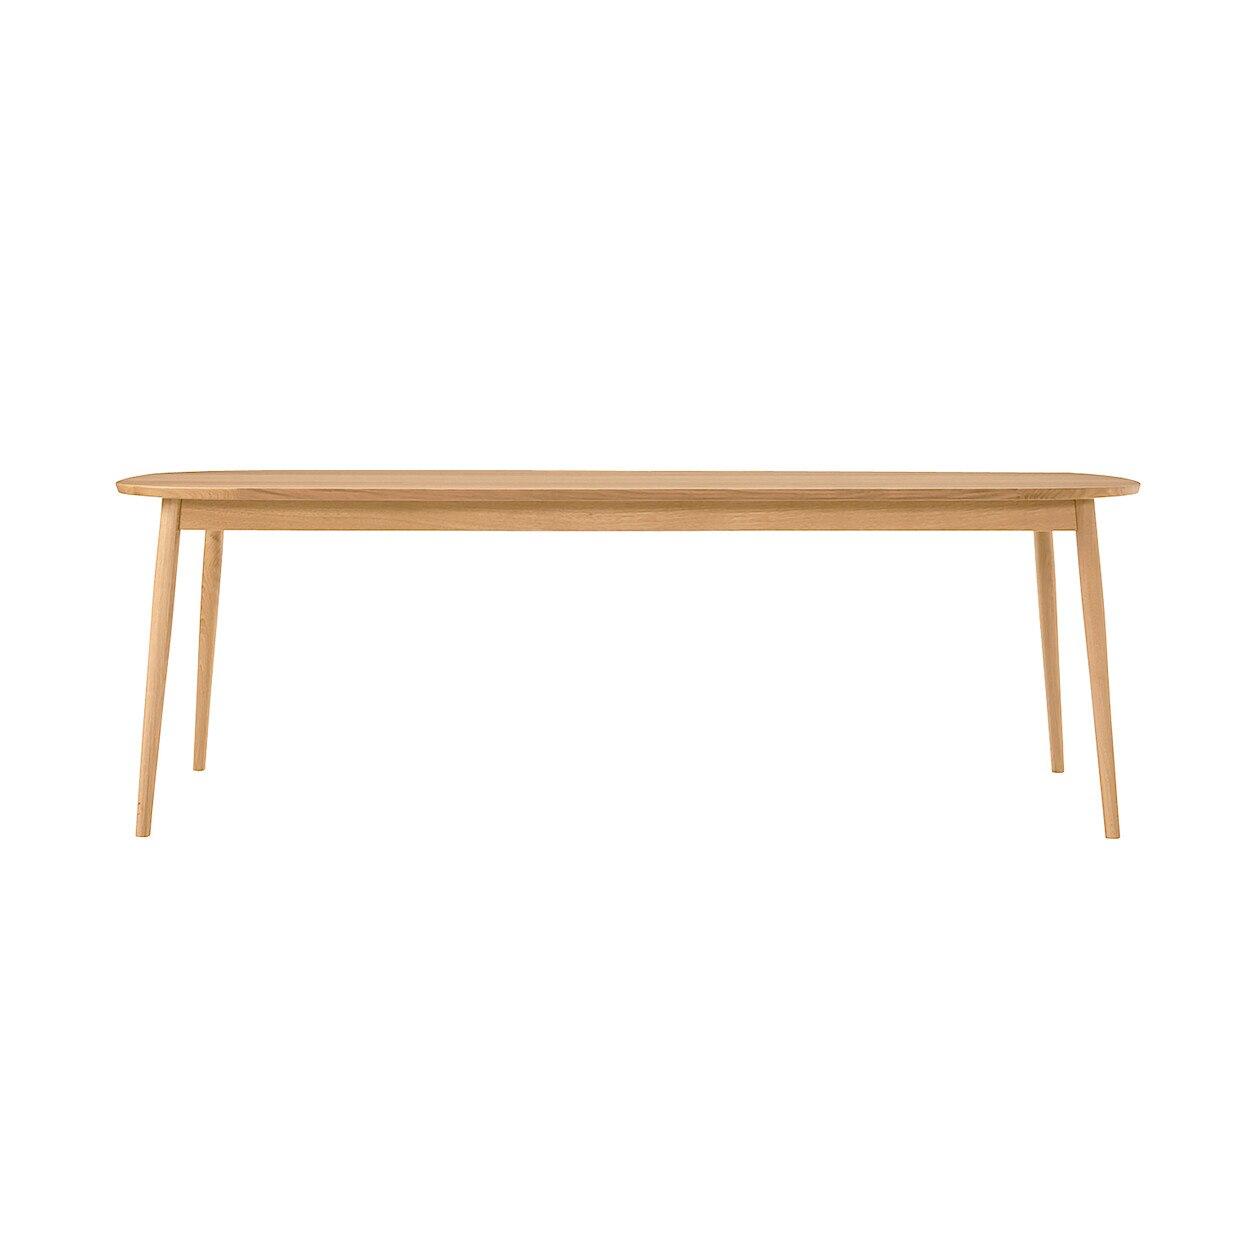 オーク材テーブル・丸脚・幅220cm